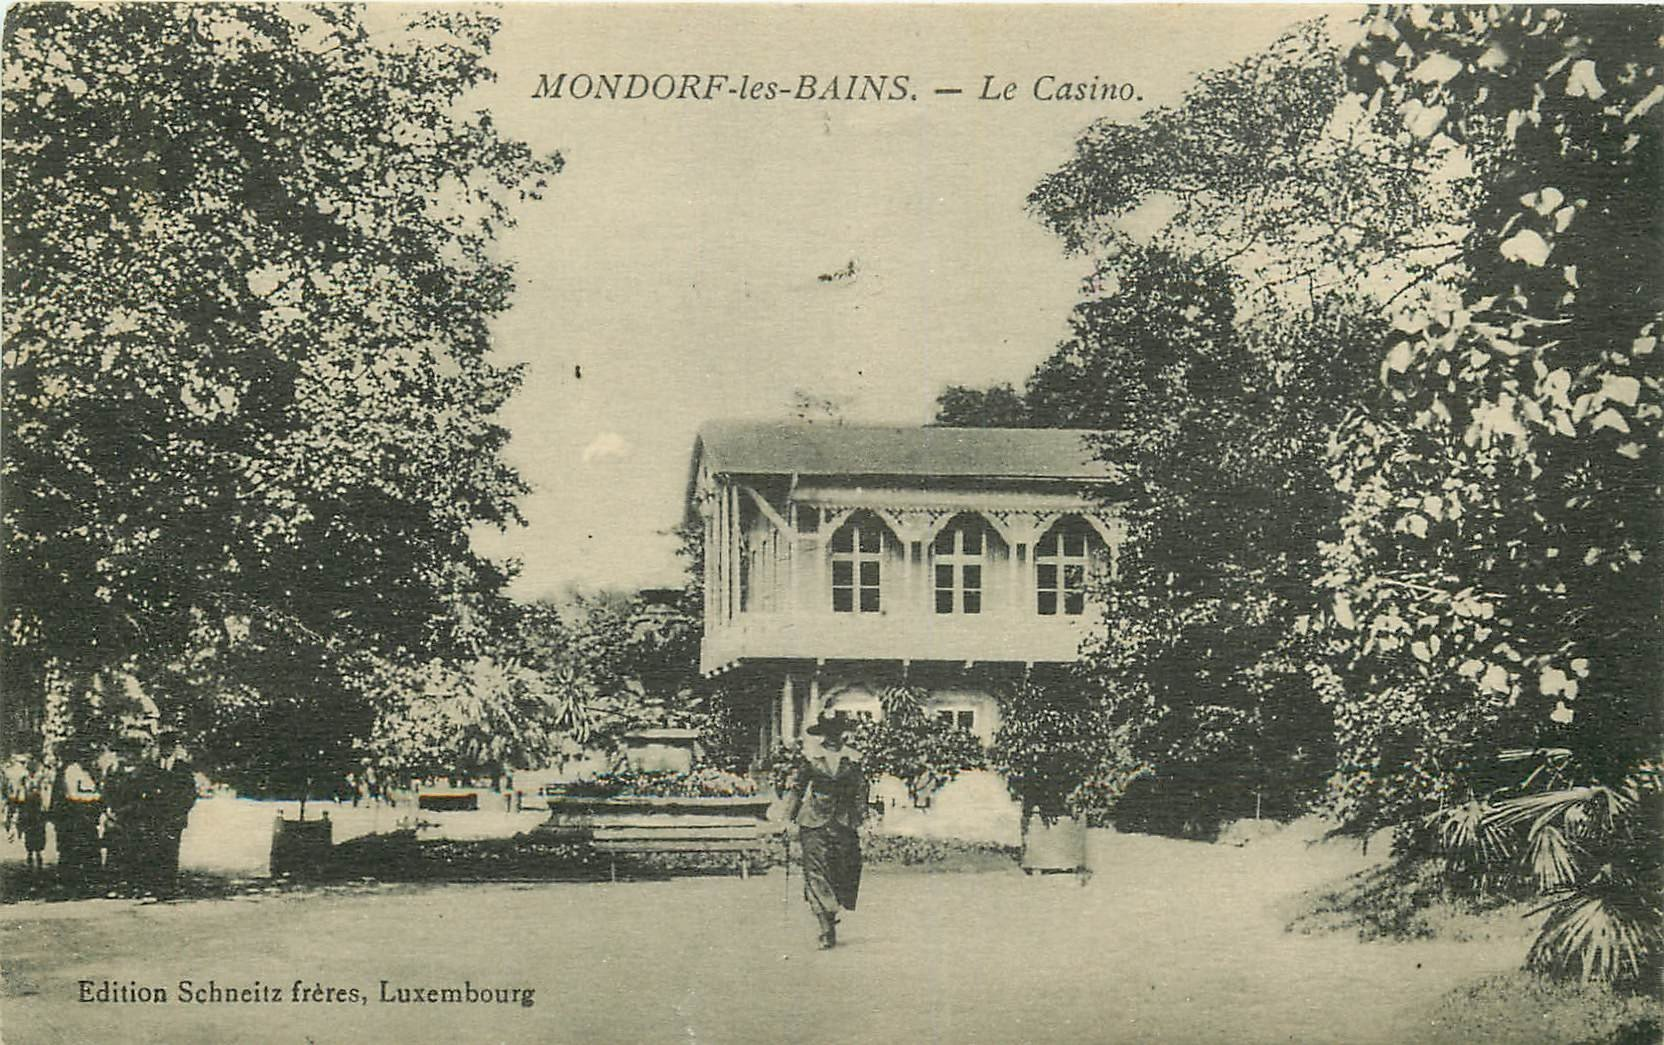 MONDORF-LES-BAINS. Le Casino 1926 au Luxembourg